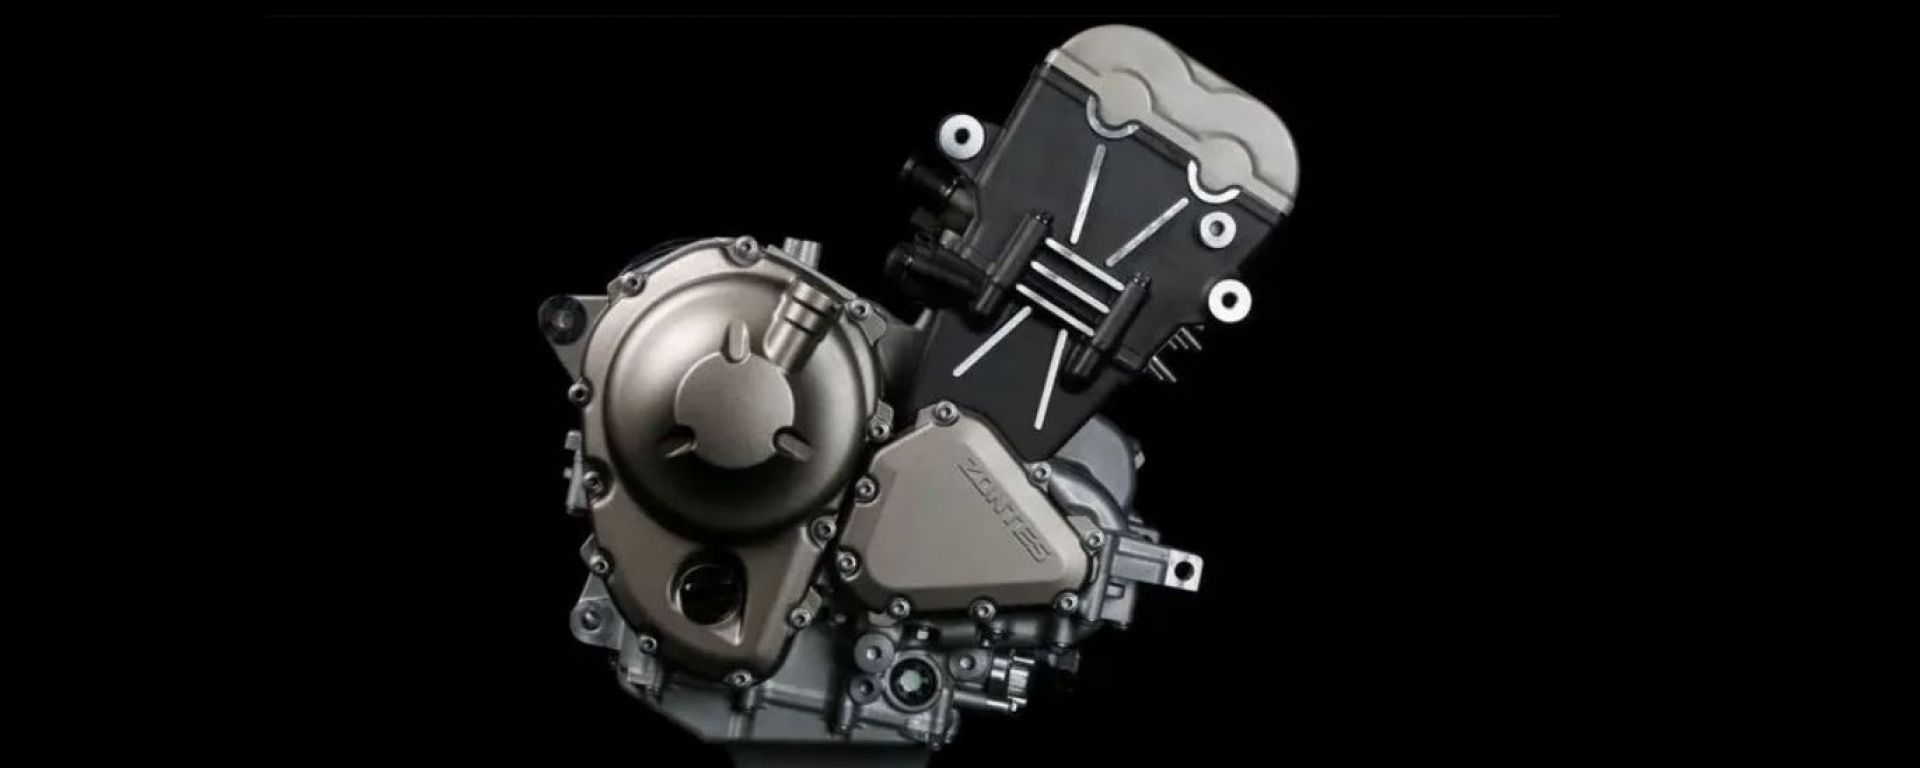 Zontes: a breve una moto ad alte prestazioni con motore 3 cilindri